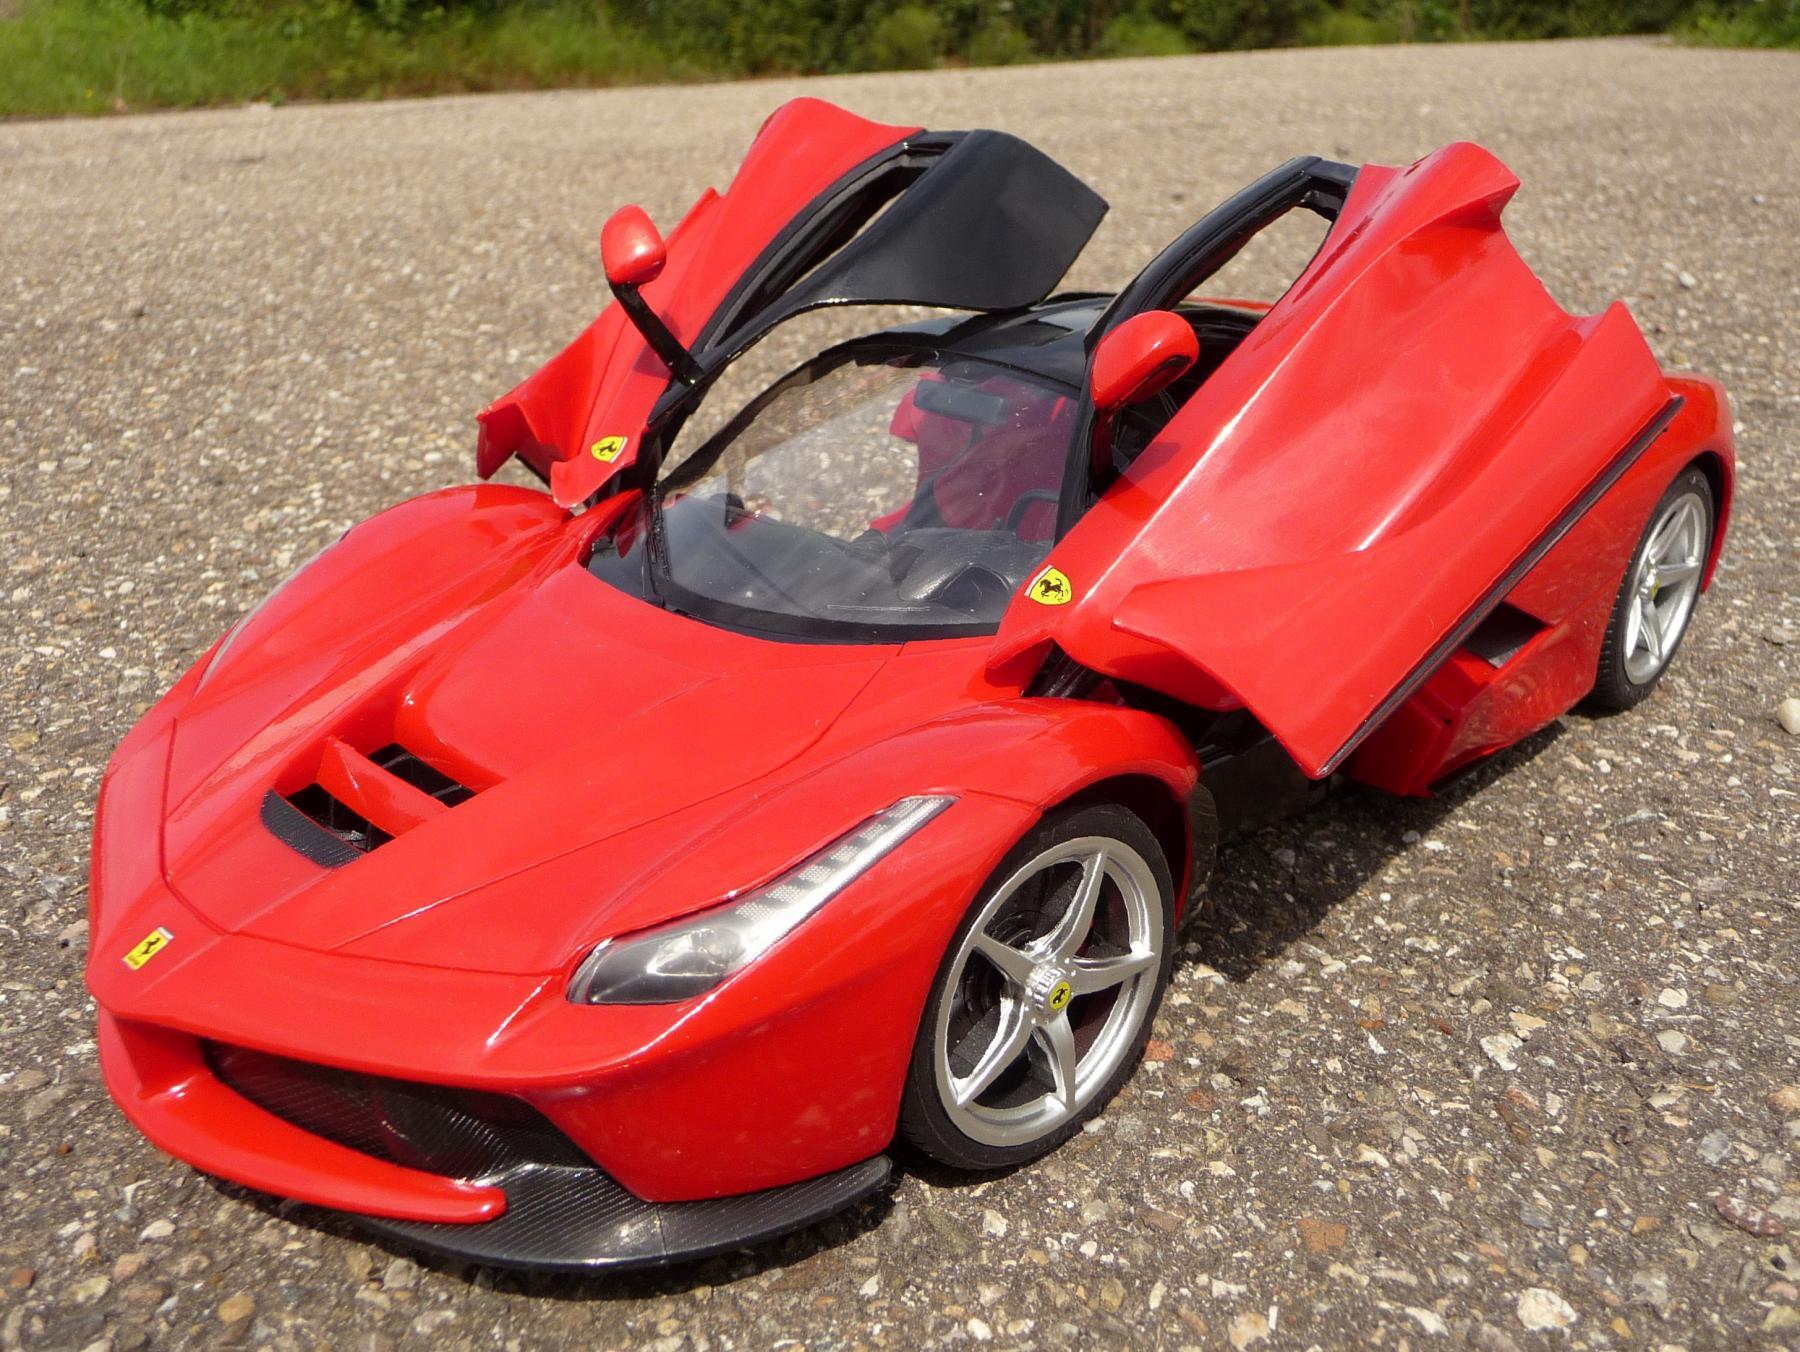 RC Modell La FERRARI Länge 34cm mit Licht Ferngesteuert 40MHz 404130 Elektrisches Spielzeug